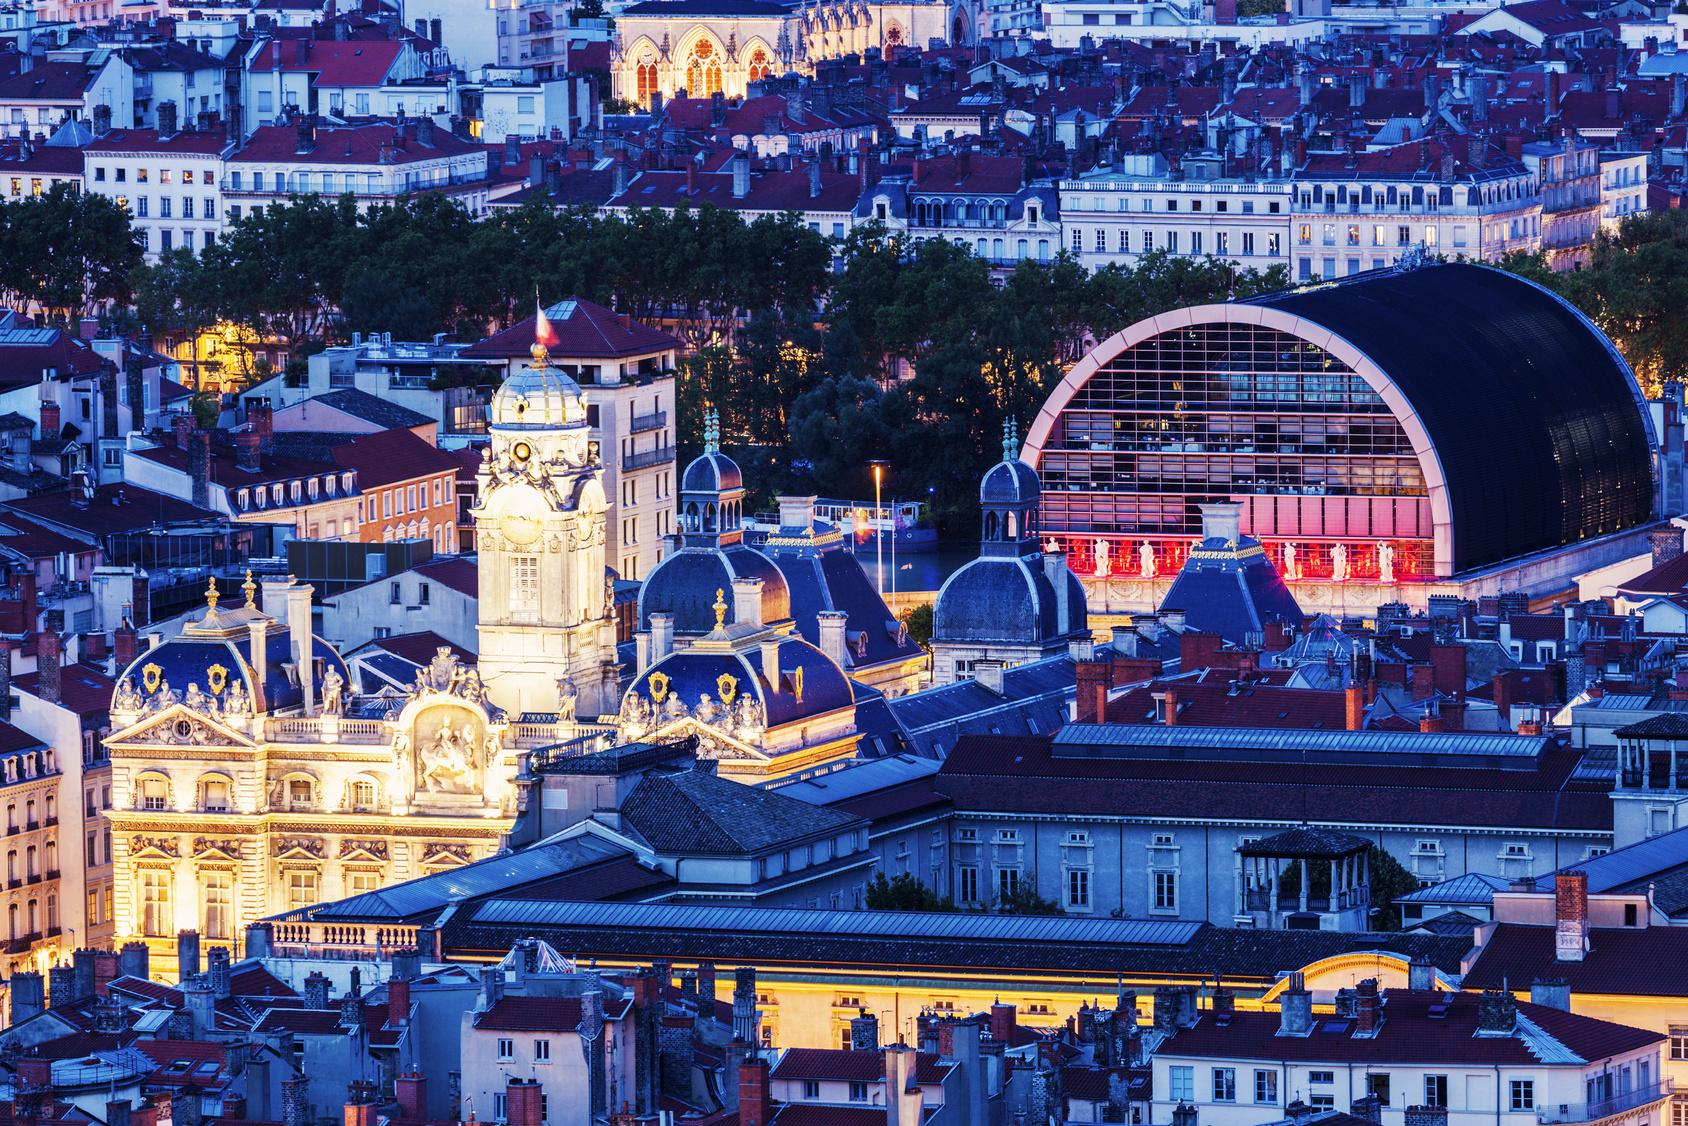 Städte mit beeindruckender Architektur